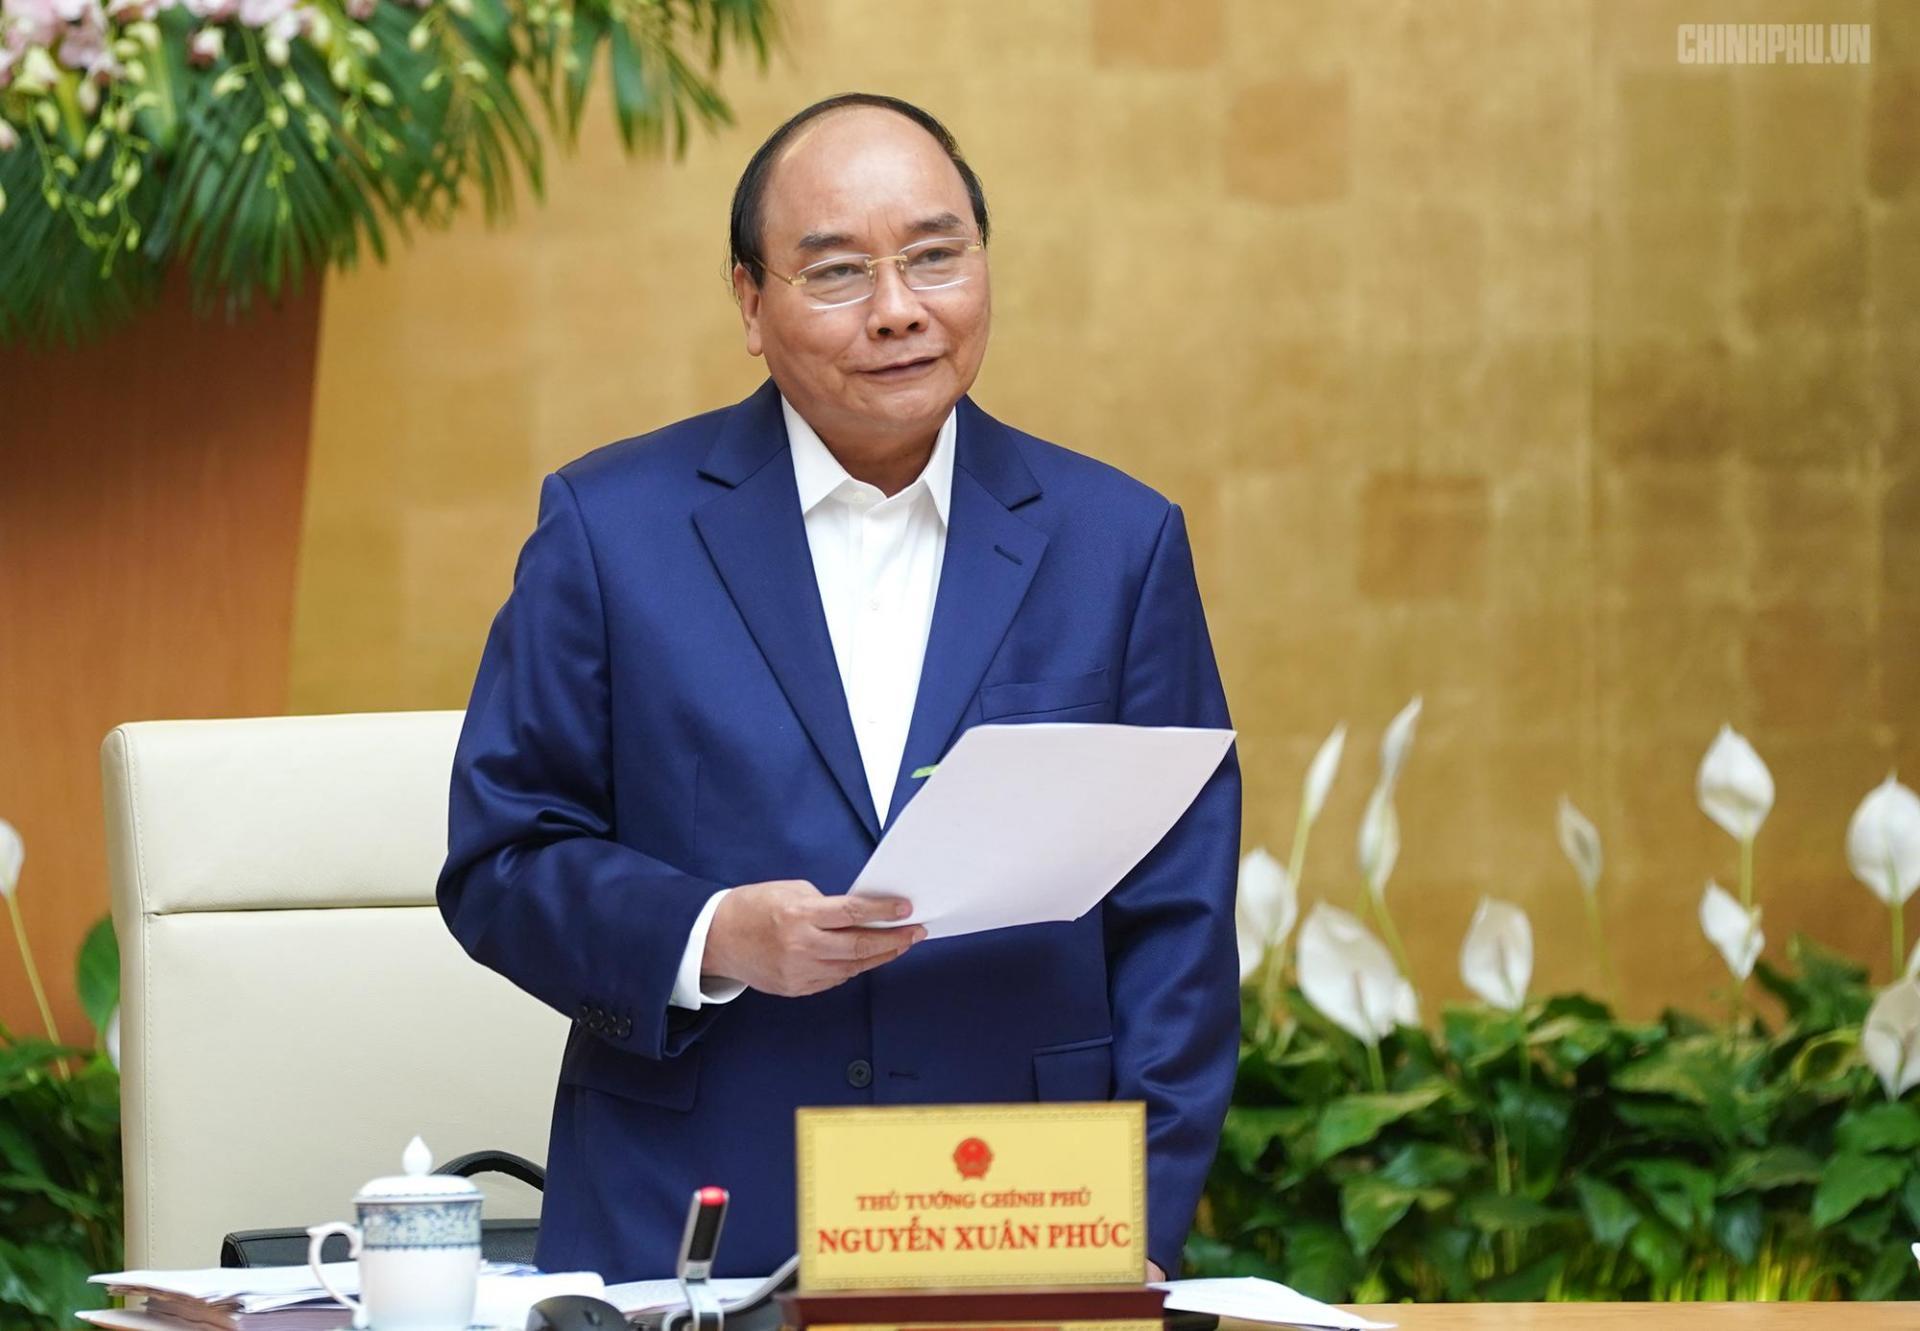 Thủ tướng Nguyễn Xuân Phúc phát biểu khai mạc phiên họp Chính phủ thường kỳ tháng 3/2019.